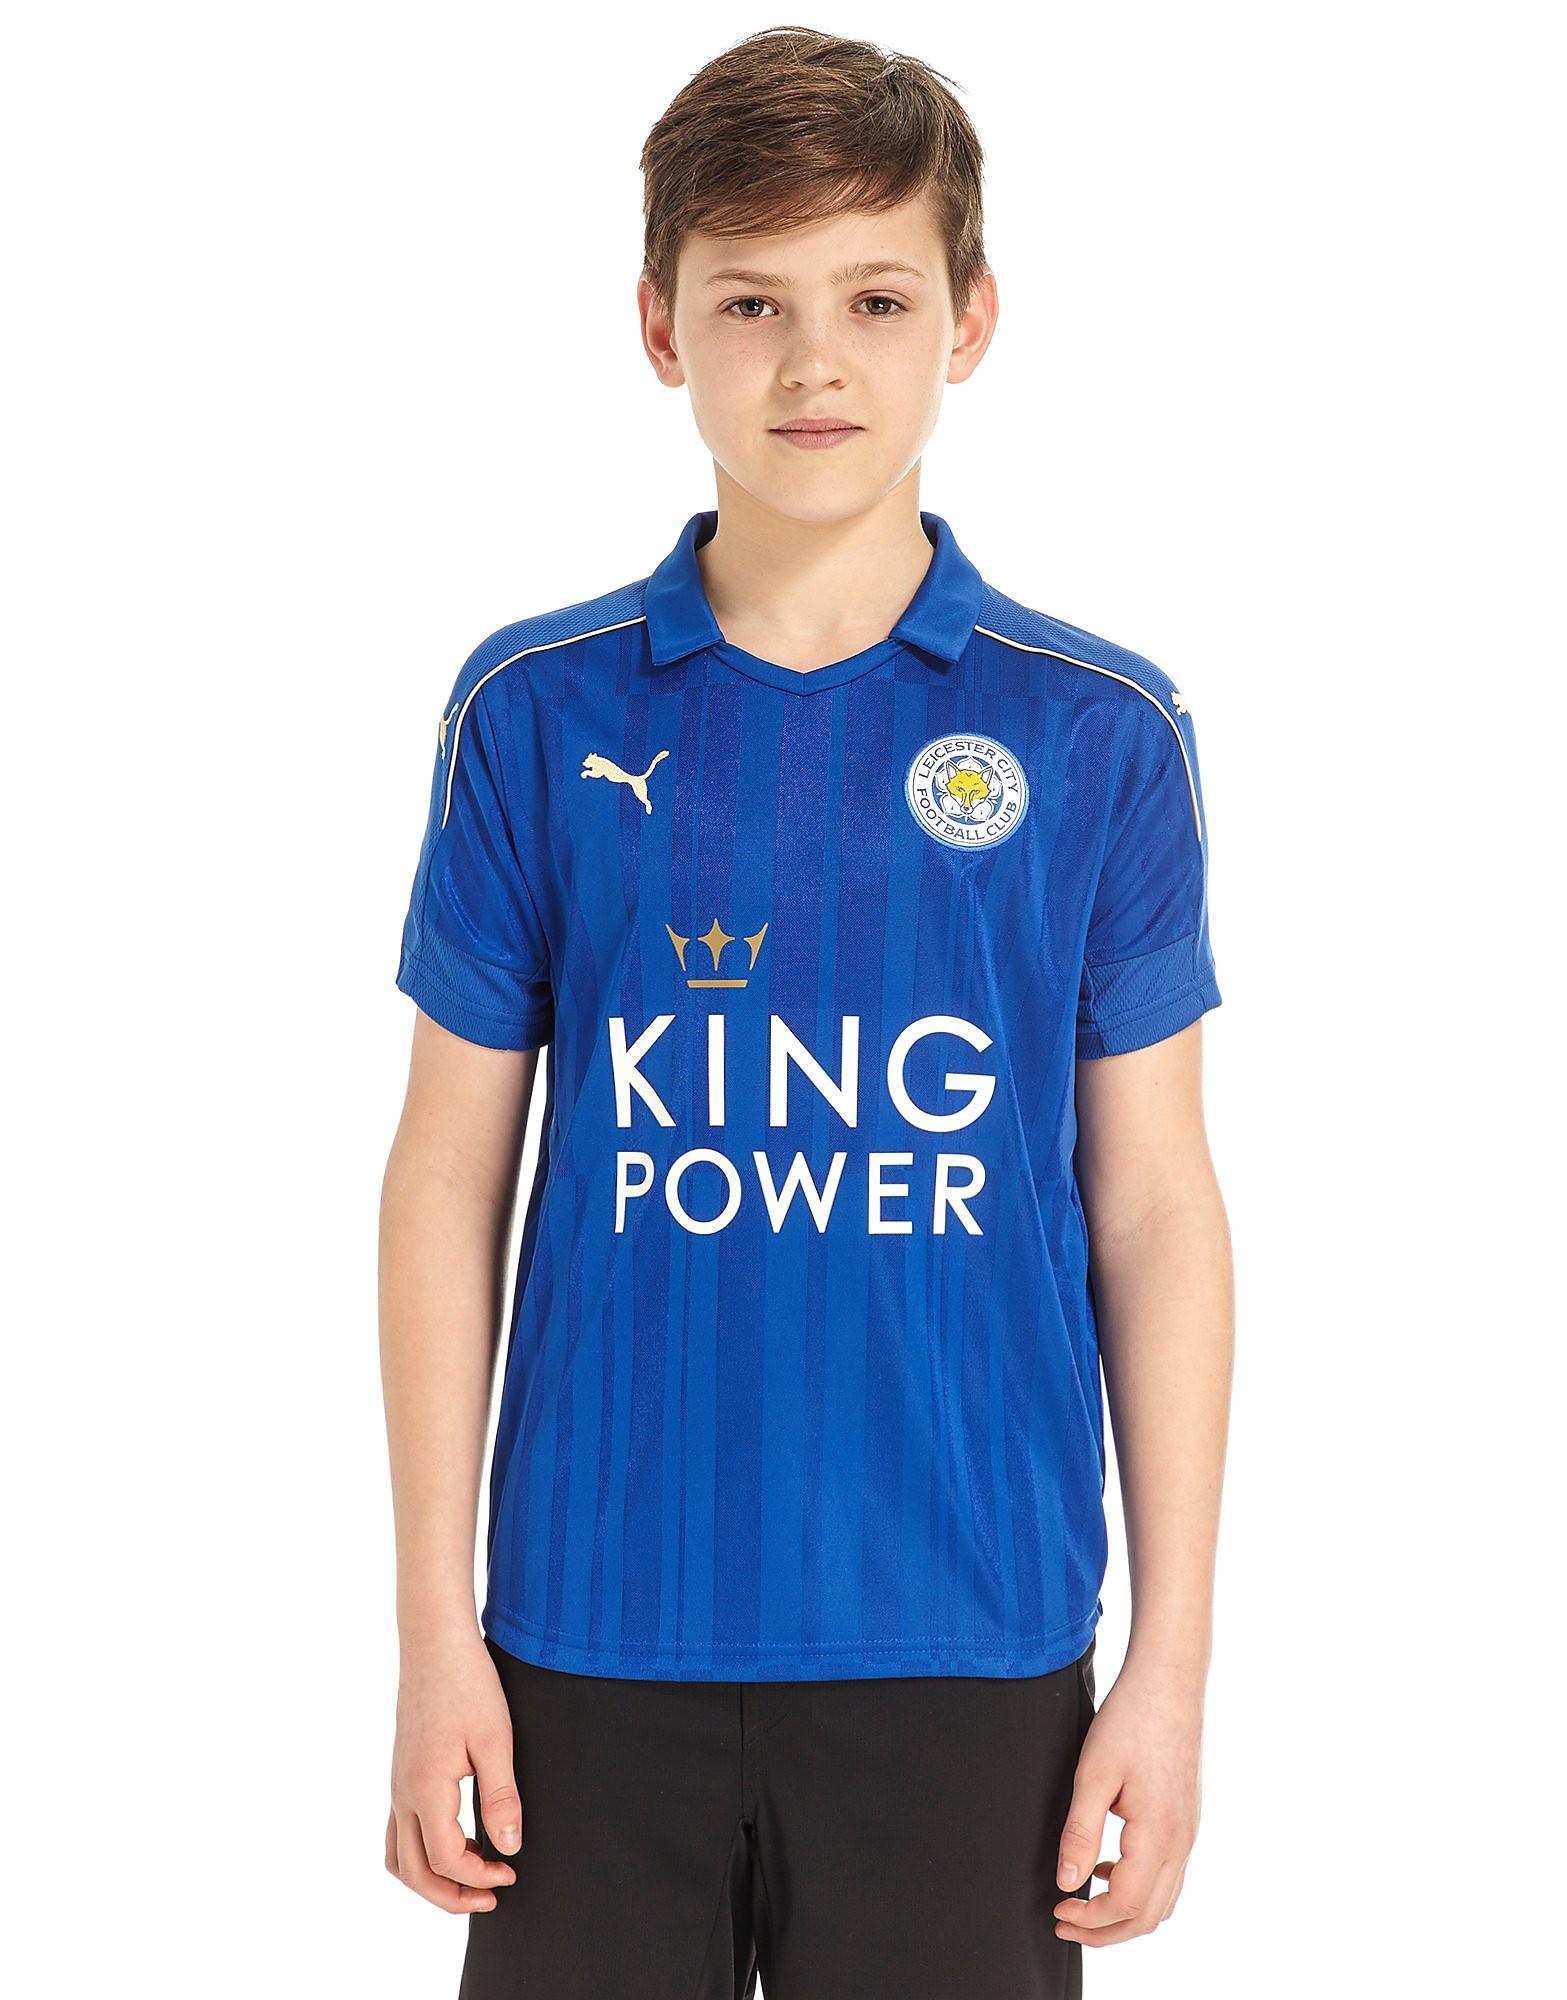 PUMA Leicester City FC 2016/17 Home Shirt Junior